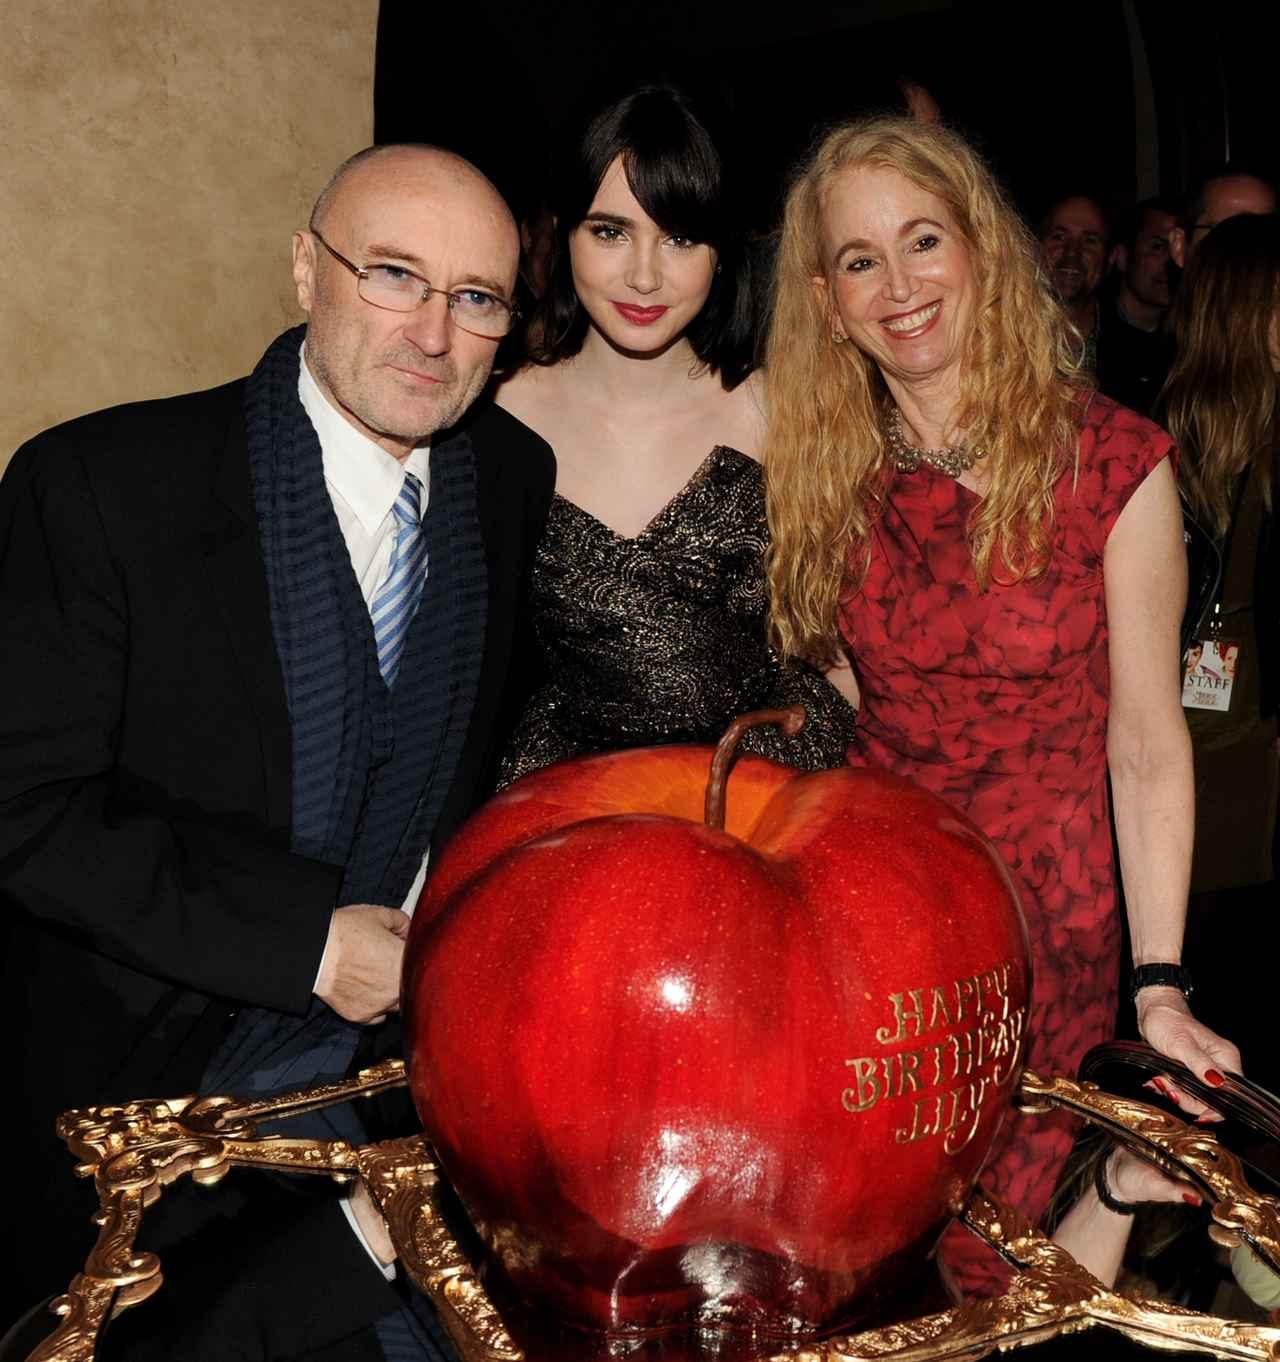 画像: 2012年、映画『白雪姫と鏡の女王』のプレミアのアフターパーティーで顔を揃えた父親フィル、リリー、母親ジル。